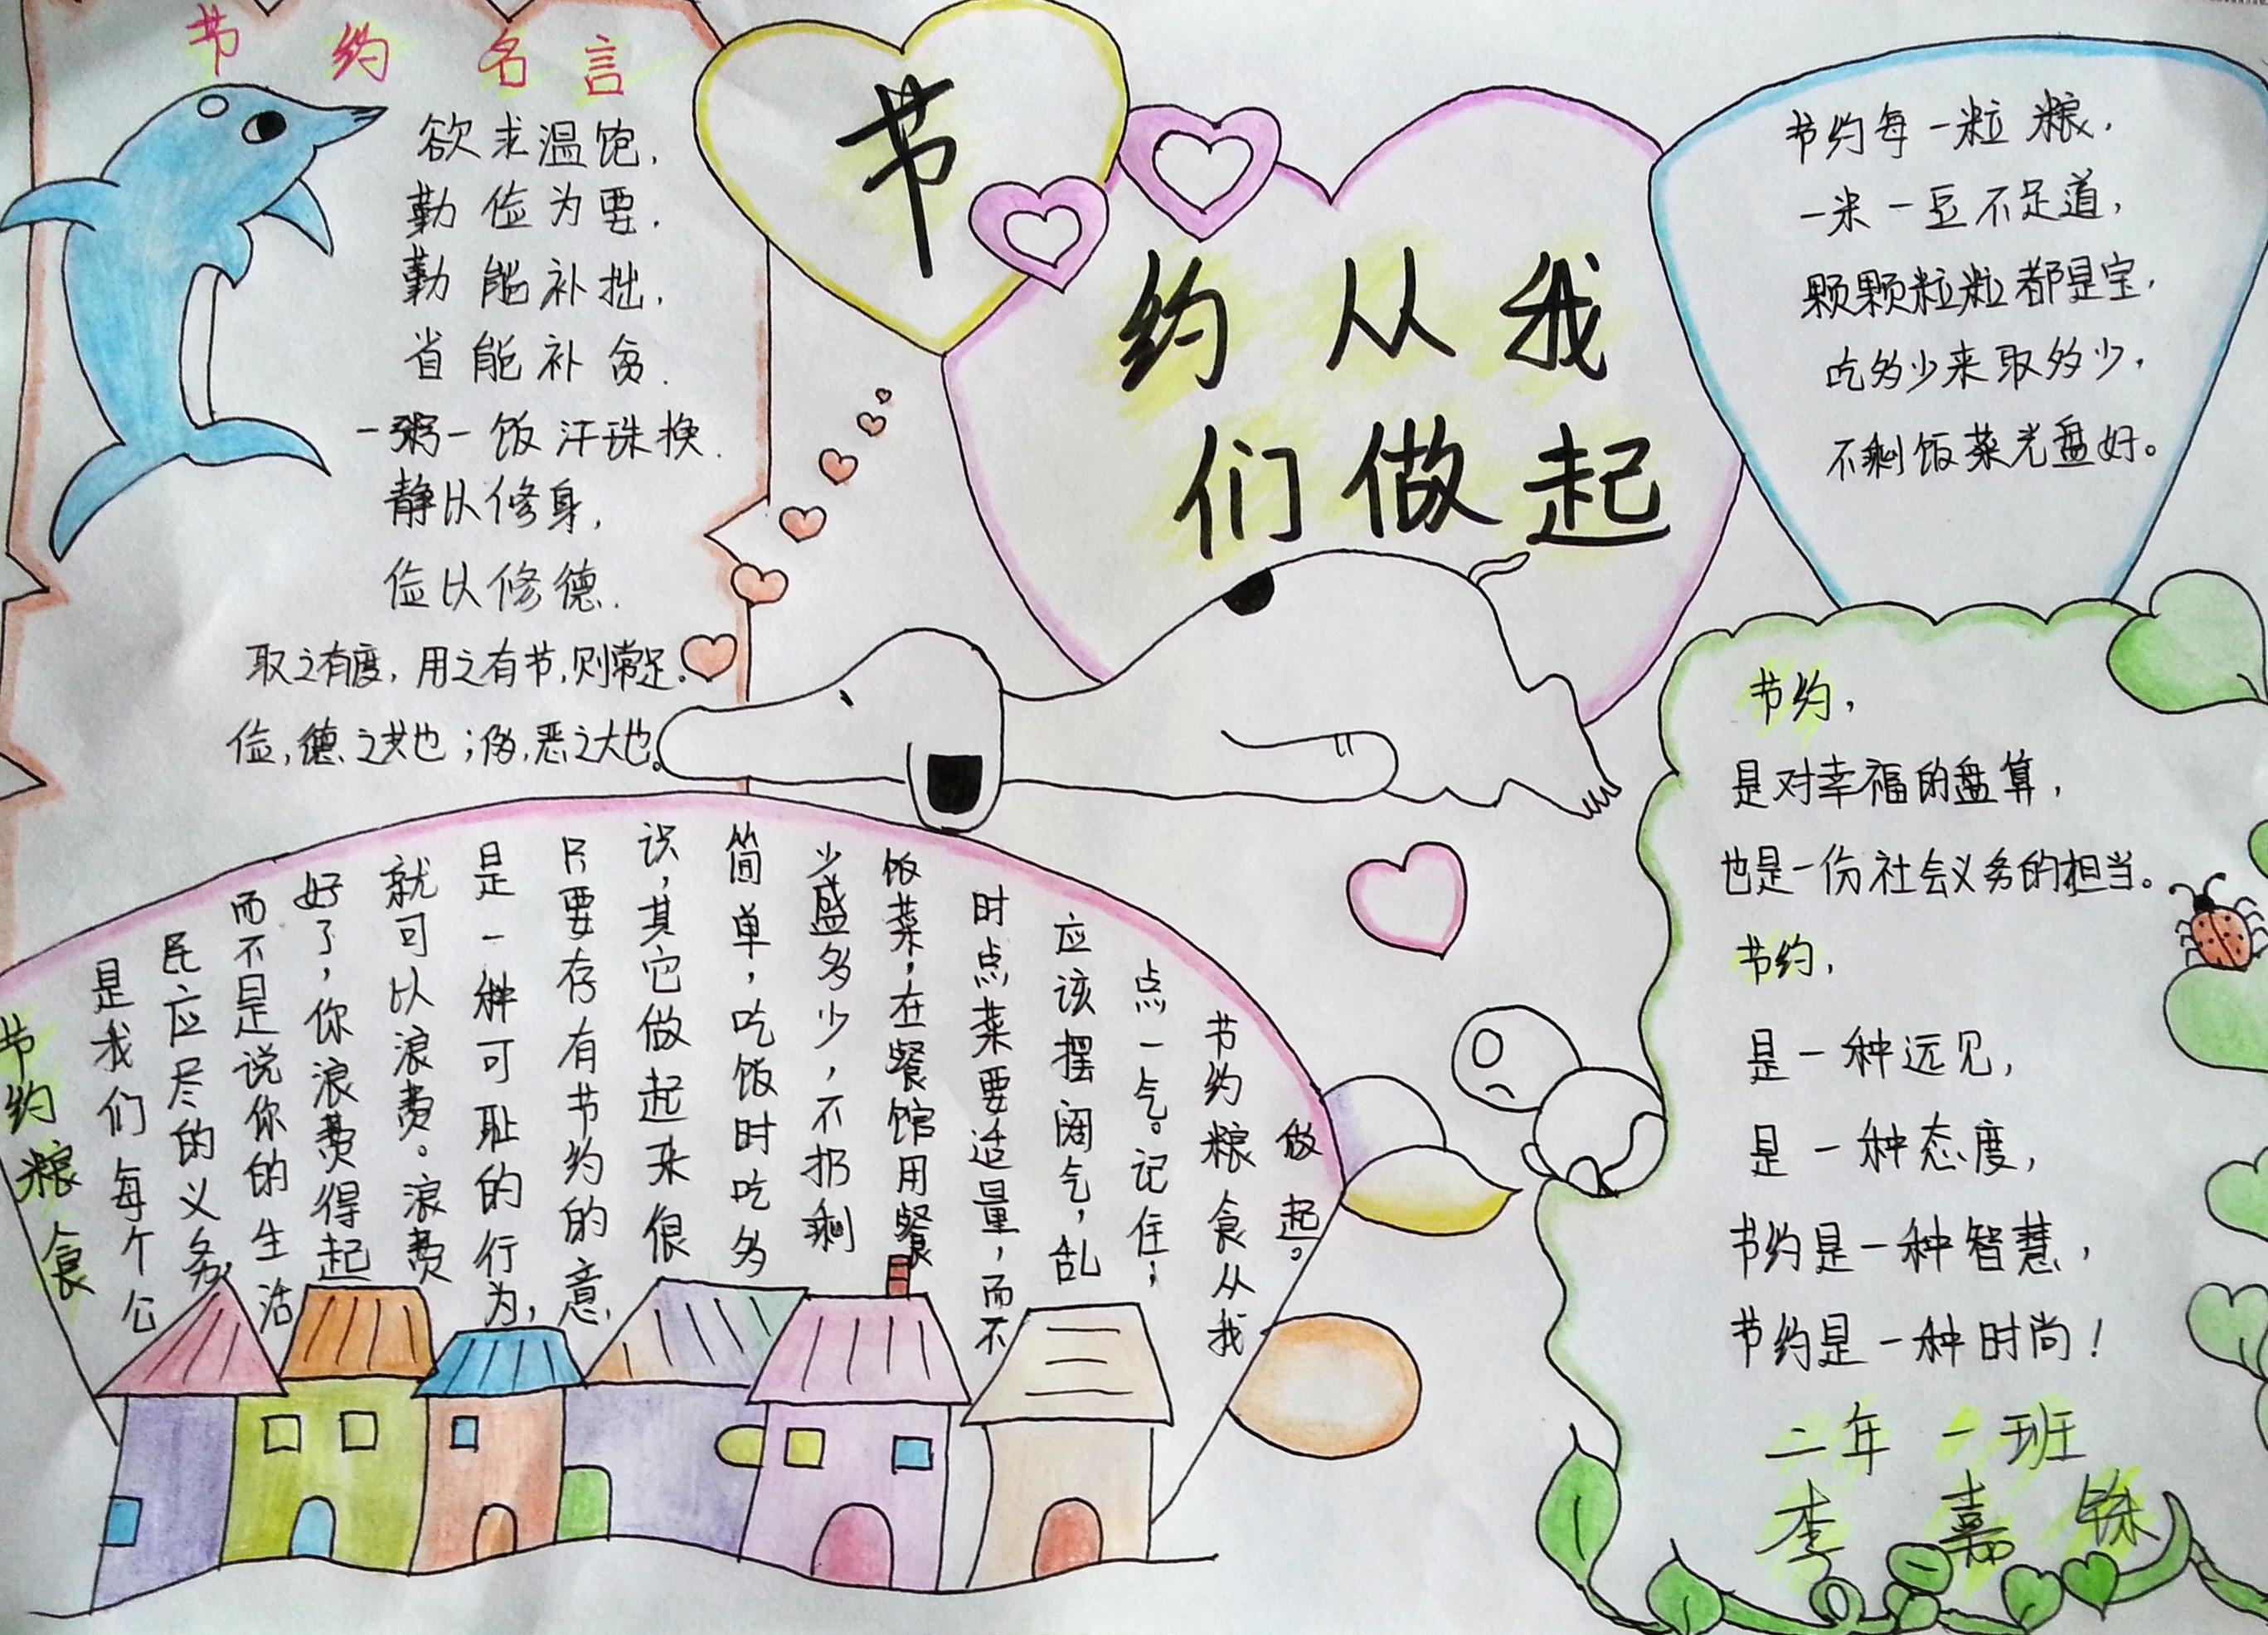 """哈尔滨市道里区新康小学:""""爱粮节粮 从我做起"""" 手抄报"""